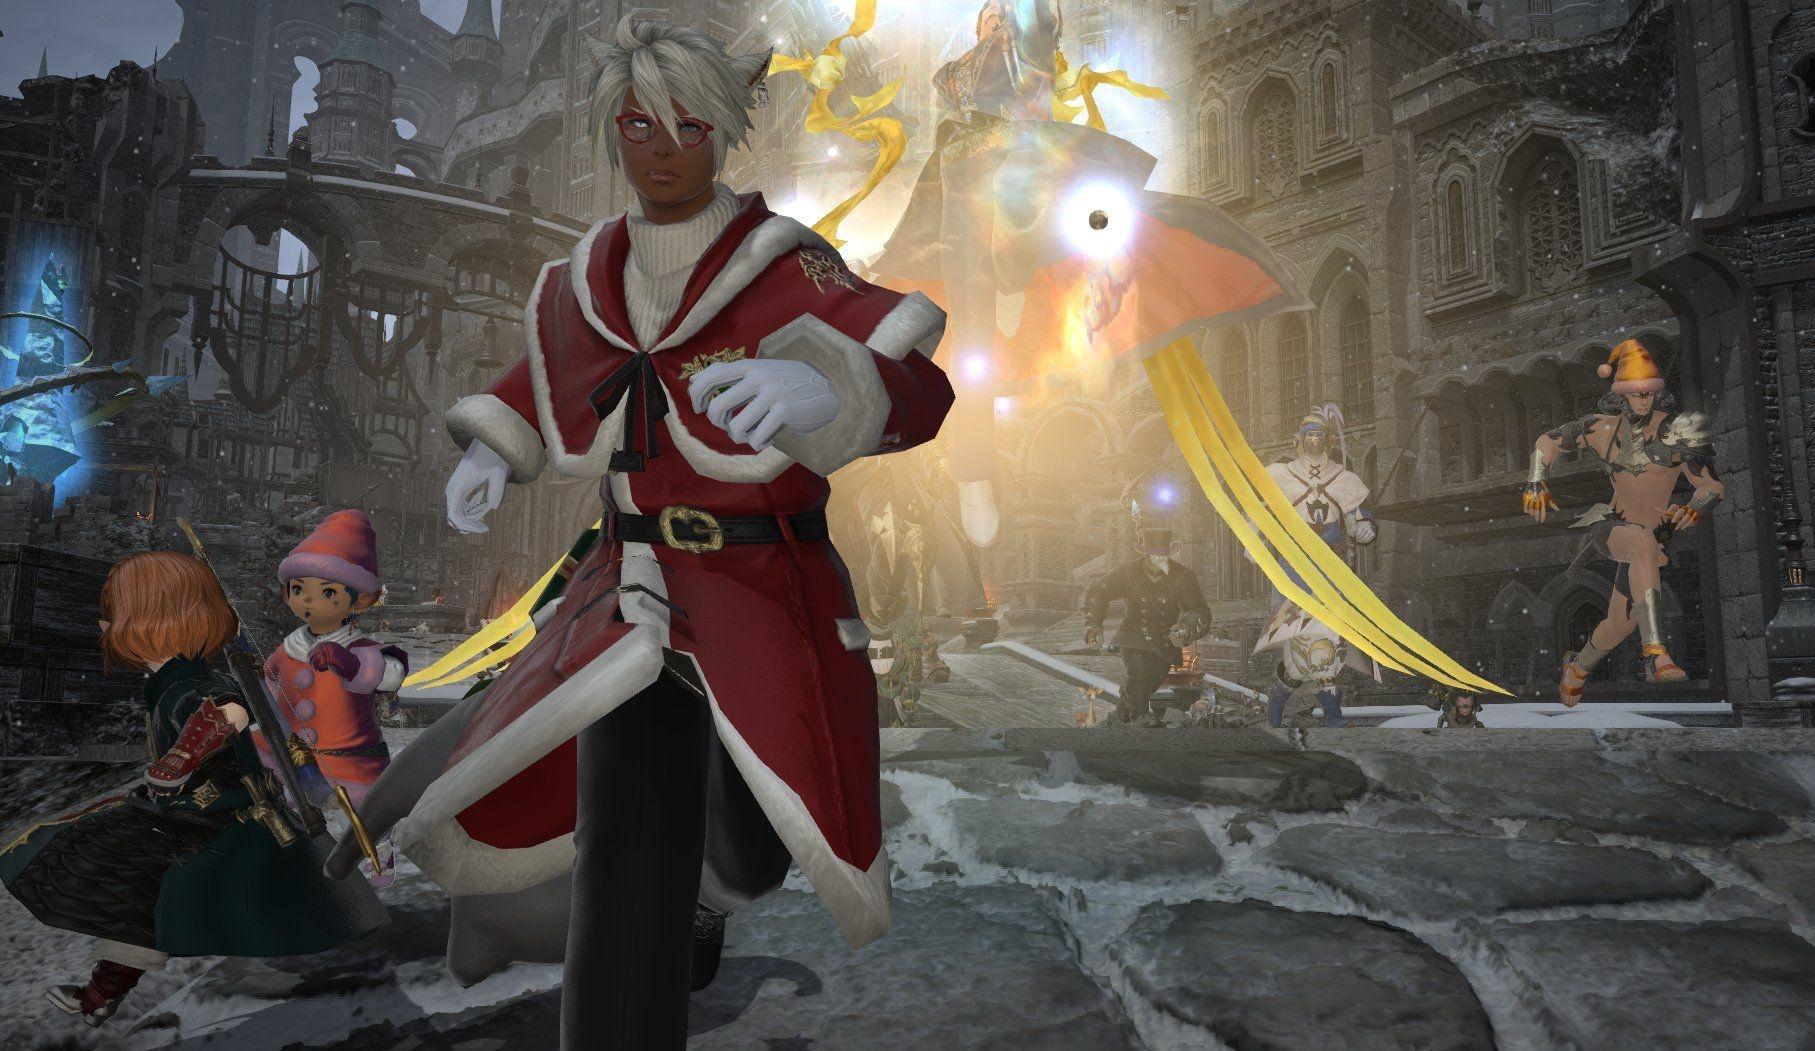 В Final Fantasy XIV можно поиграть бесплатно, но только пять дней